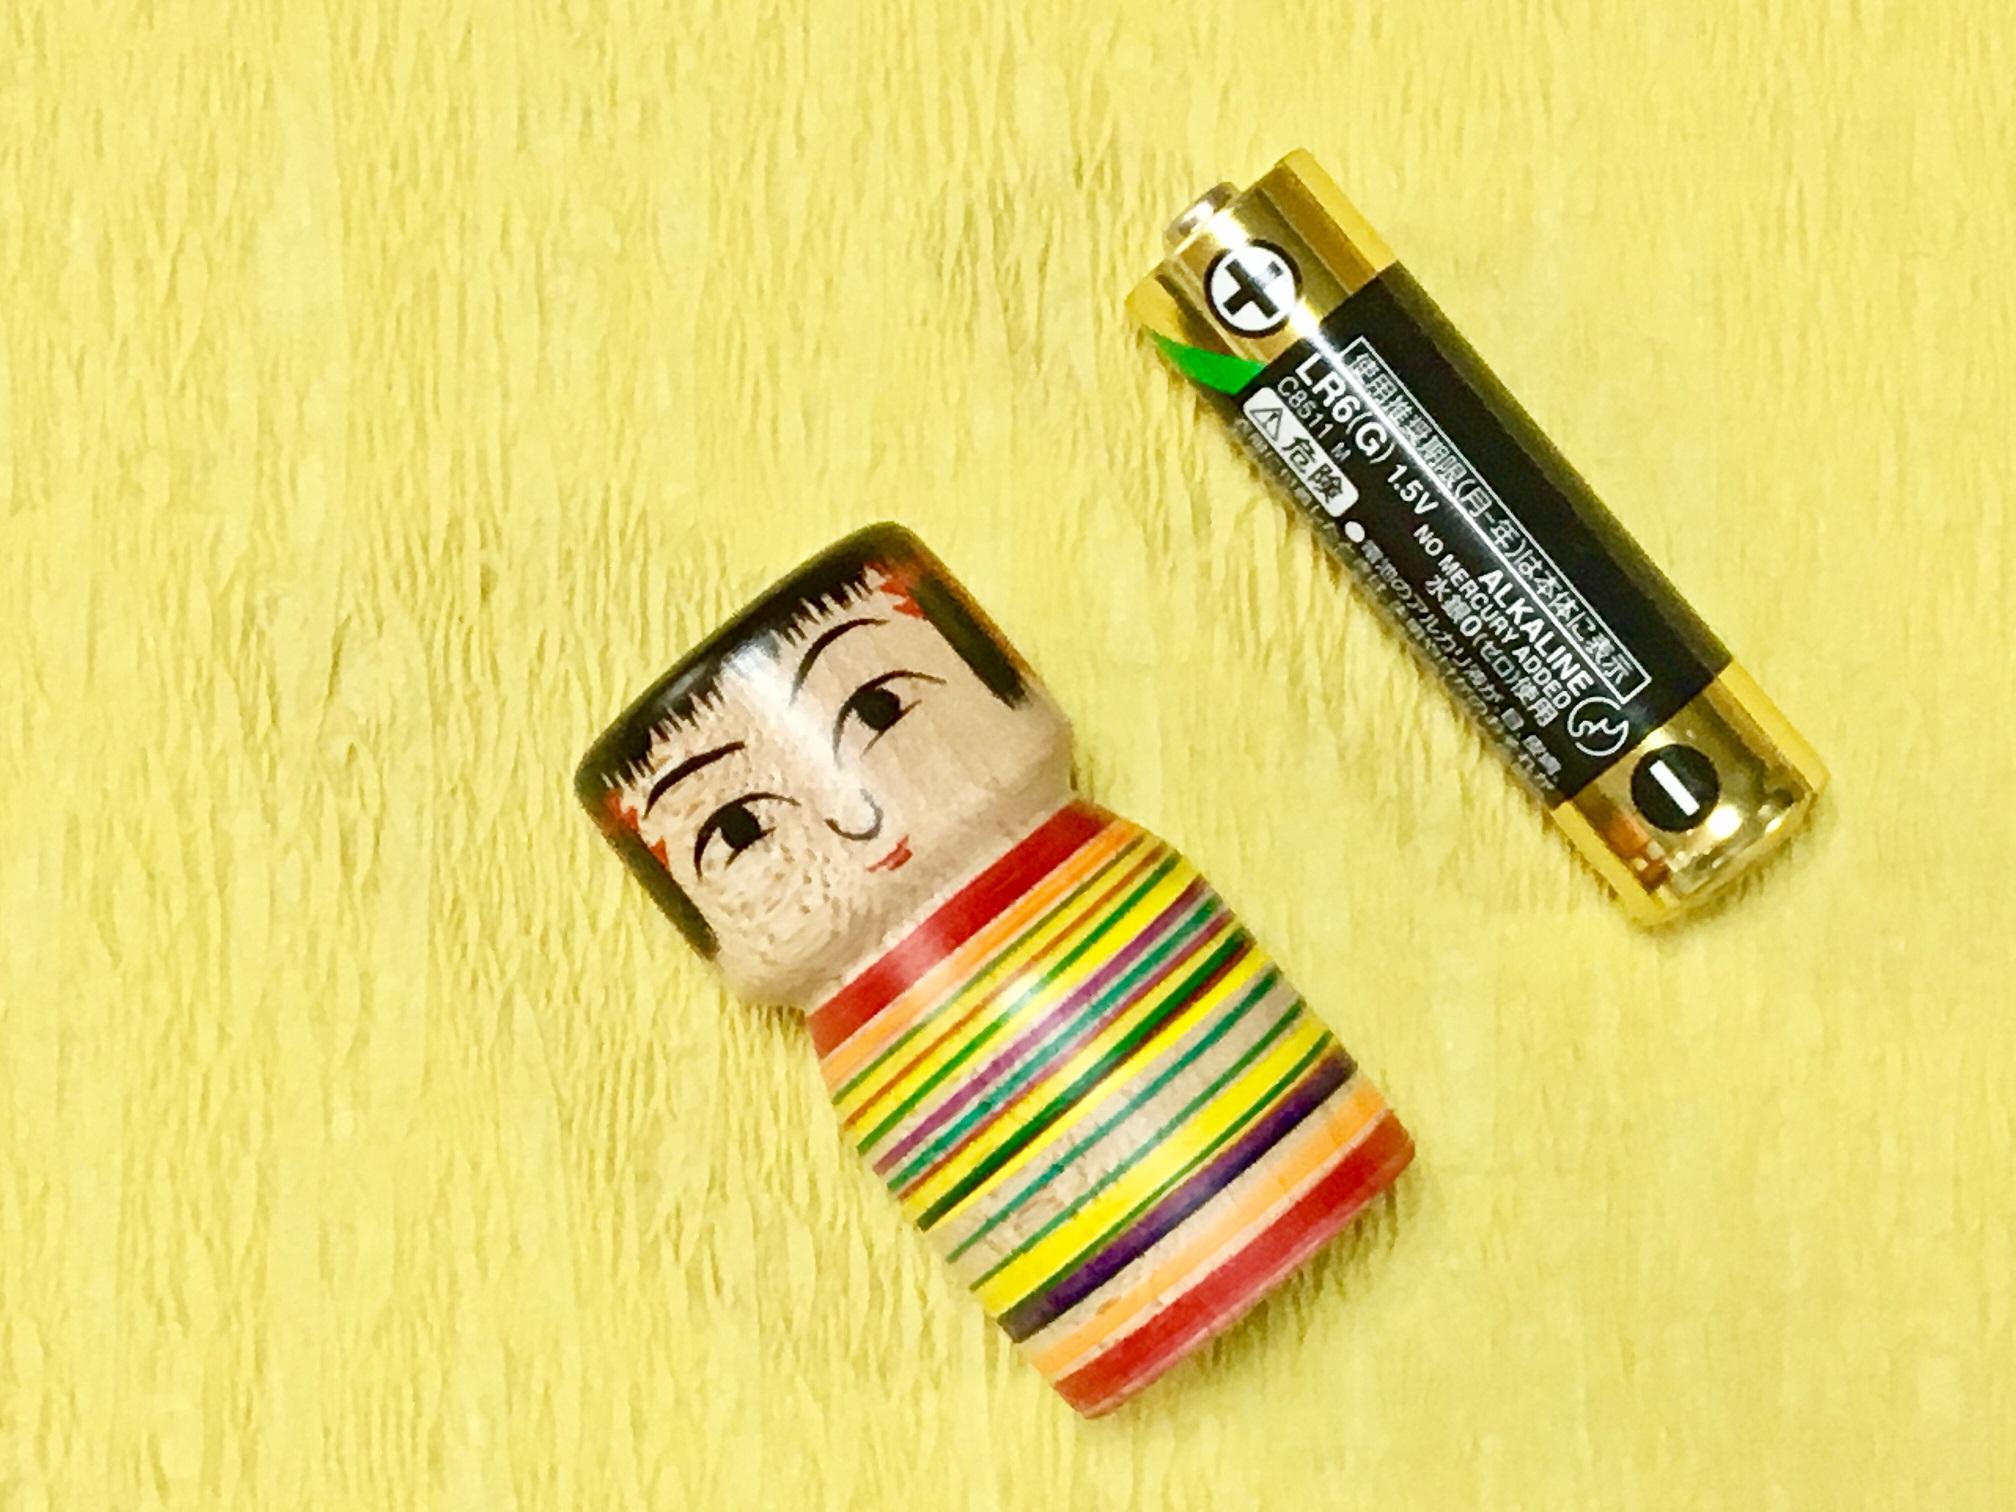 【可愛いだけじゃない!実用的な電池変換こけし★】銀山温泉でユニークなこけしの絵付...